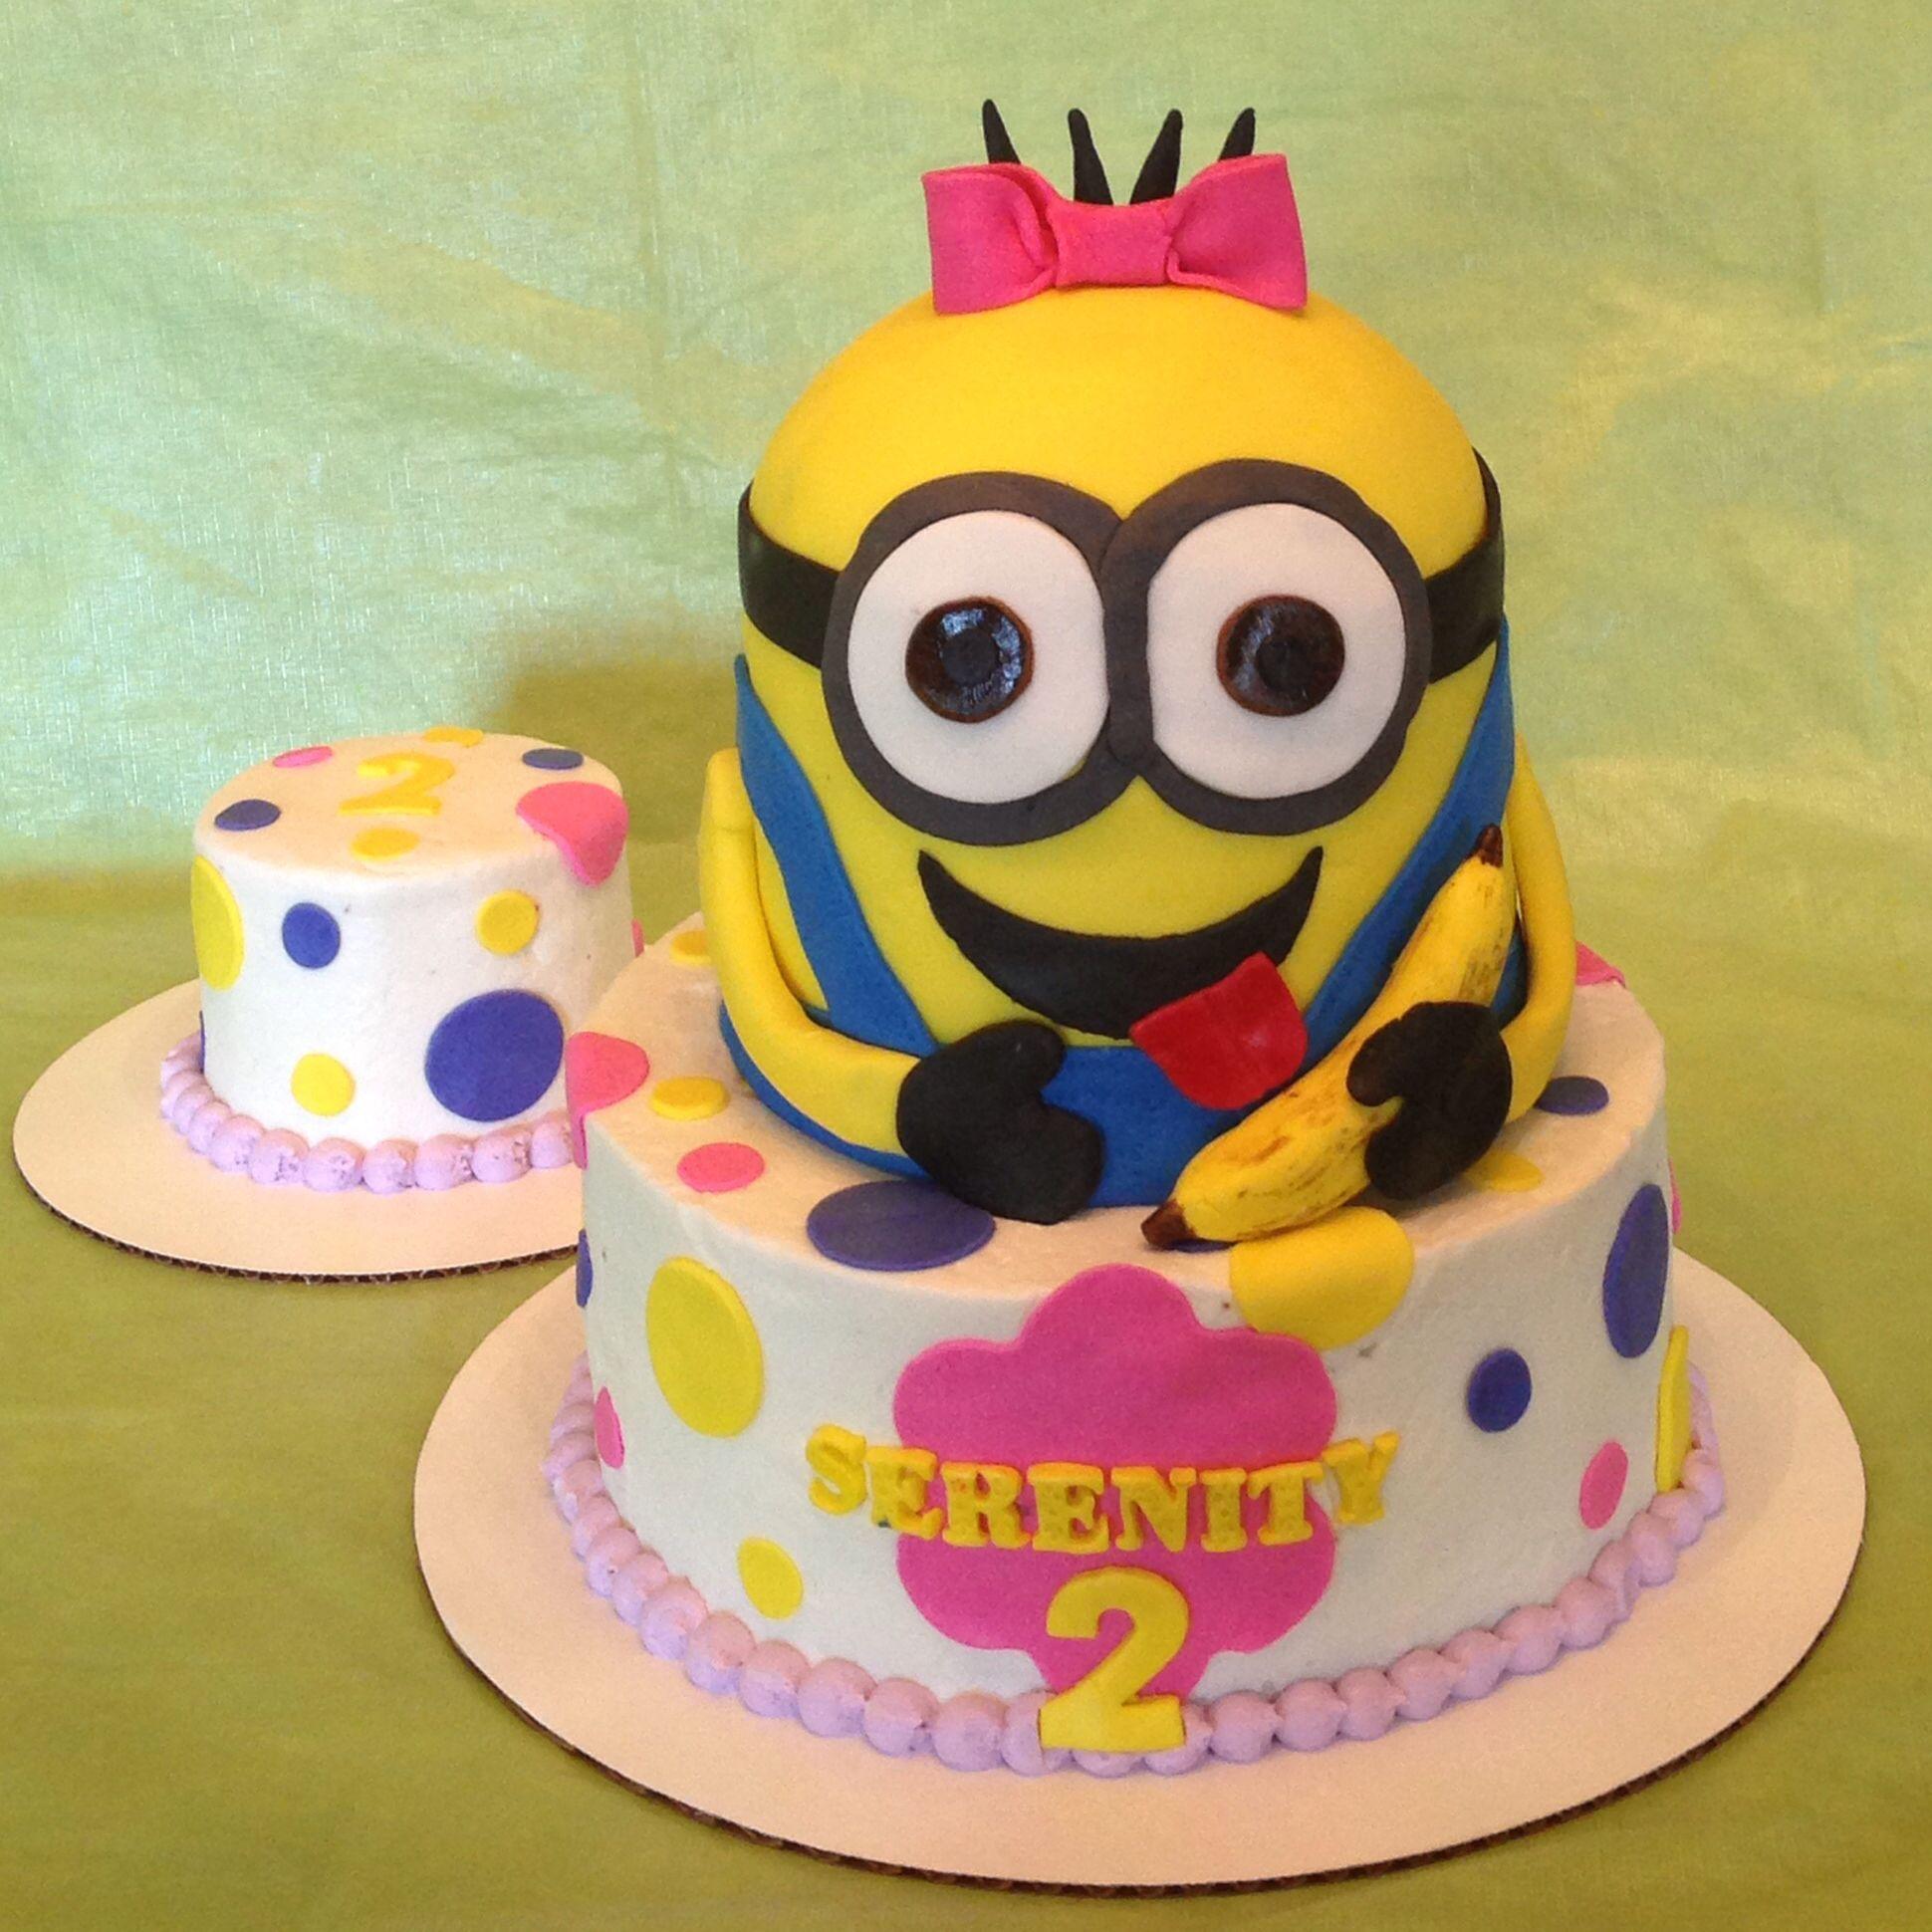 Minion Cake Design Pinterest : Minion cake Cake Ideas Pinterest